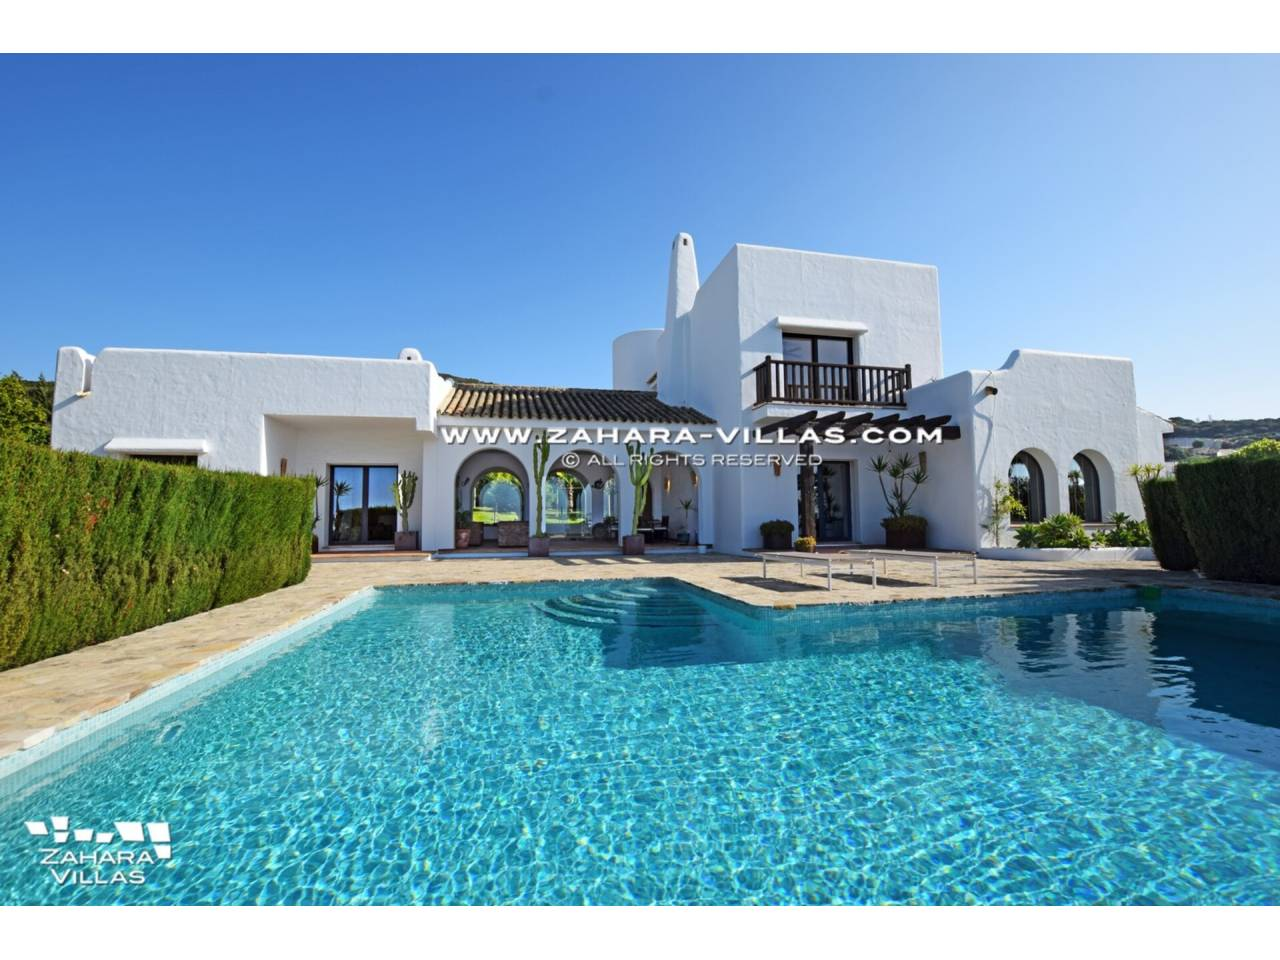 Imagen 2 de Maravilloso Chalet en venta en la zona del Faro Camarinal con vistas panorámicas a la Playa de los Alemanes